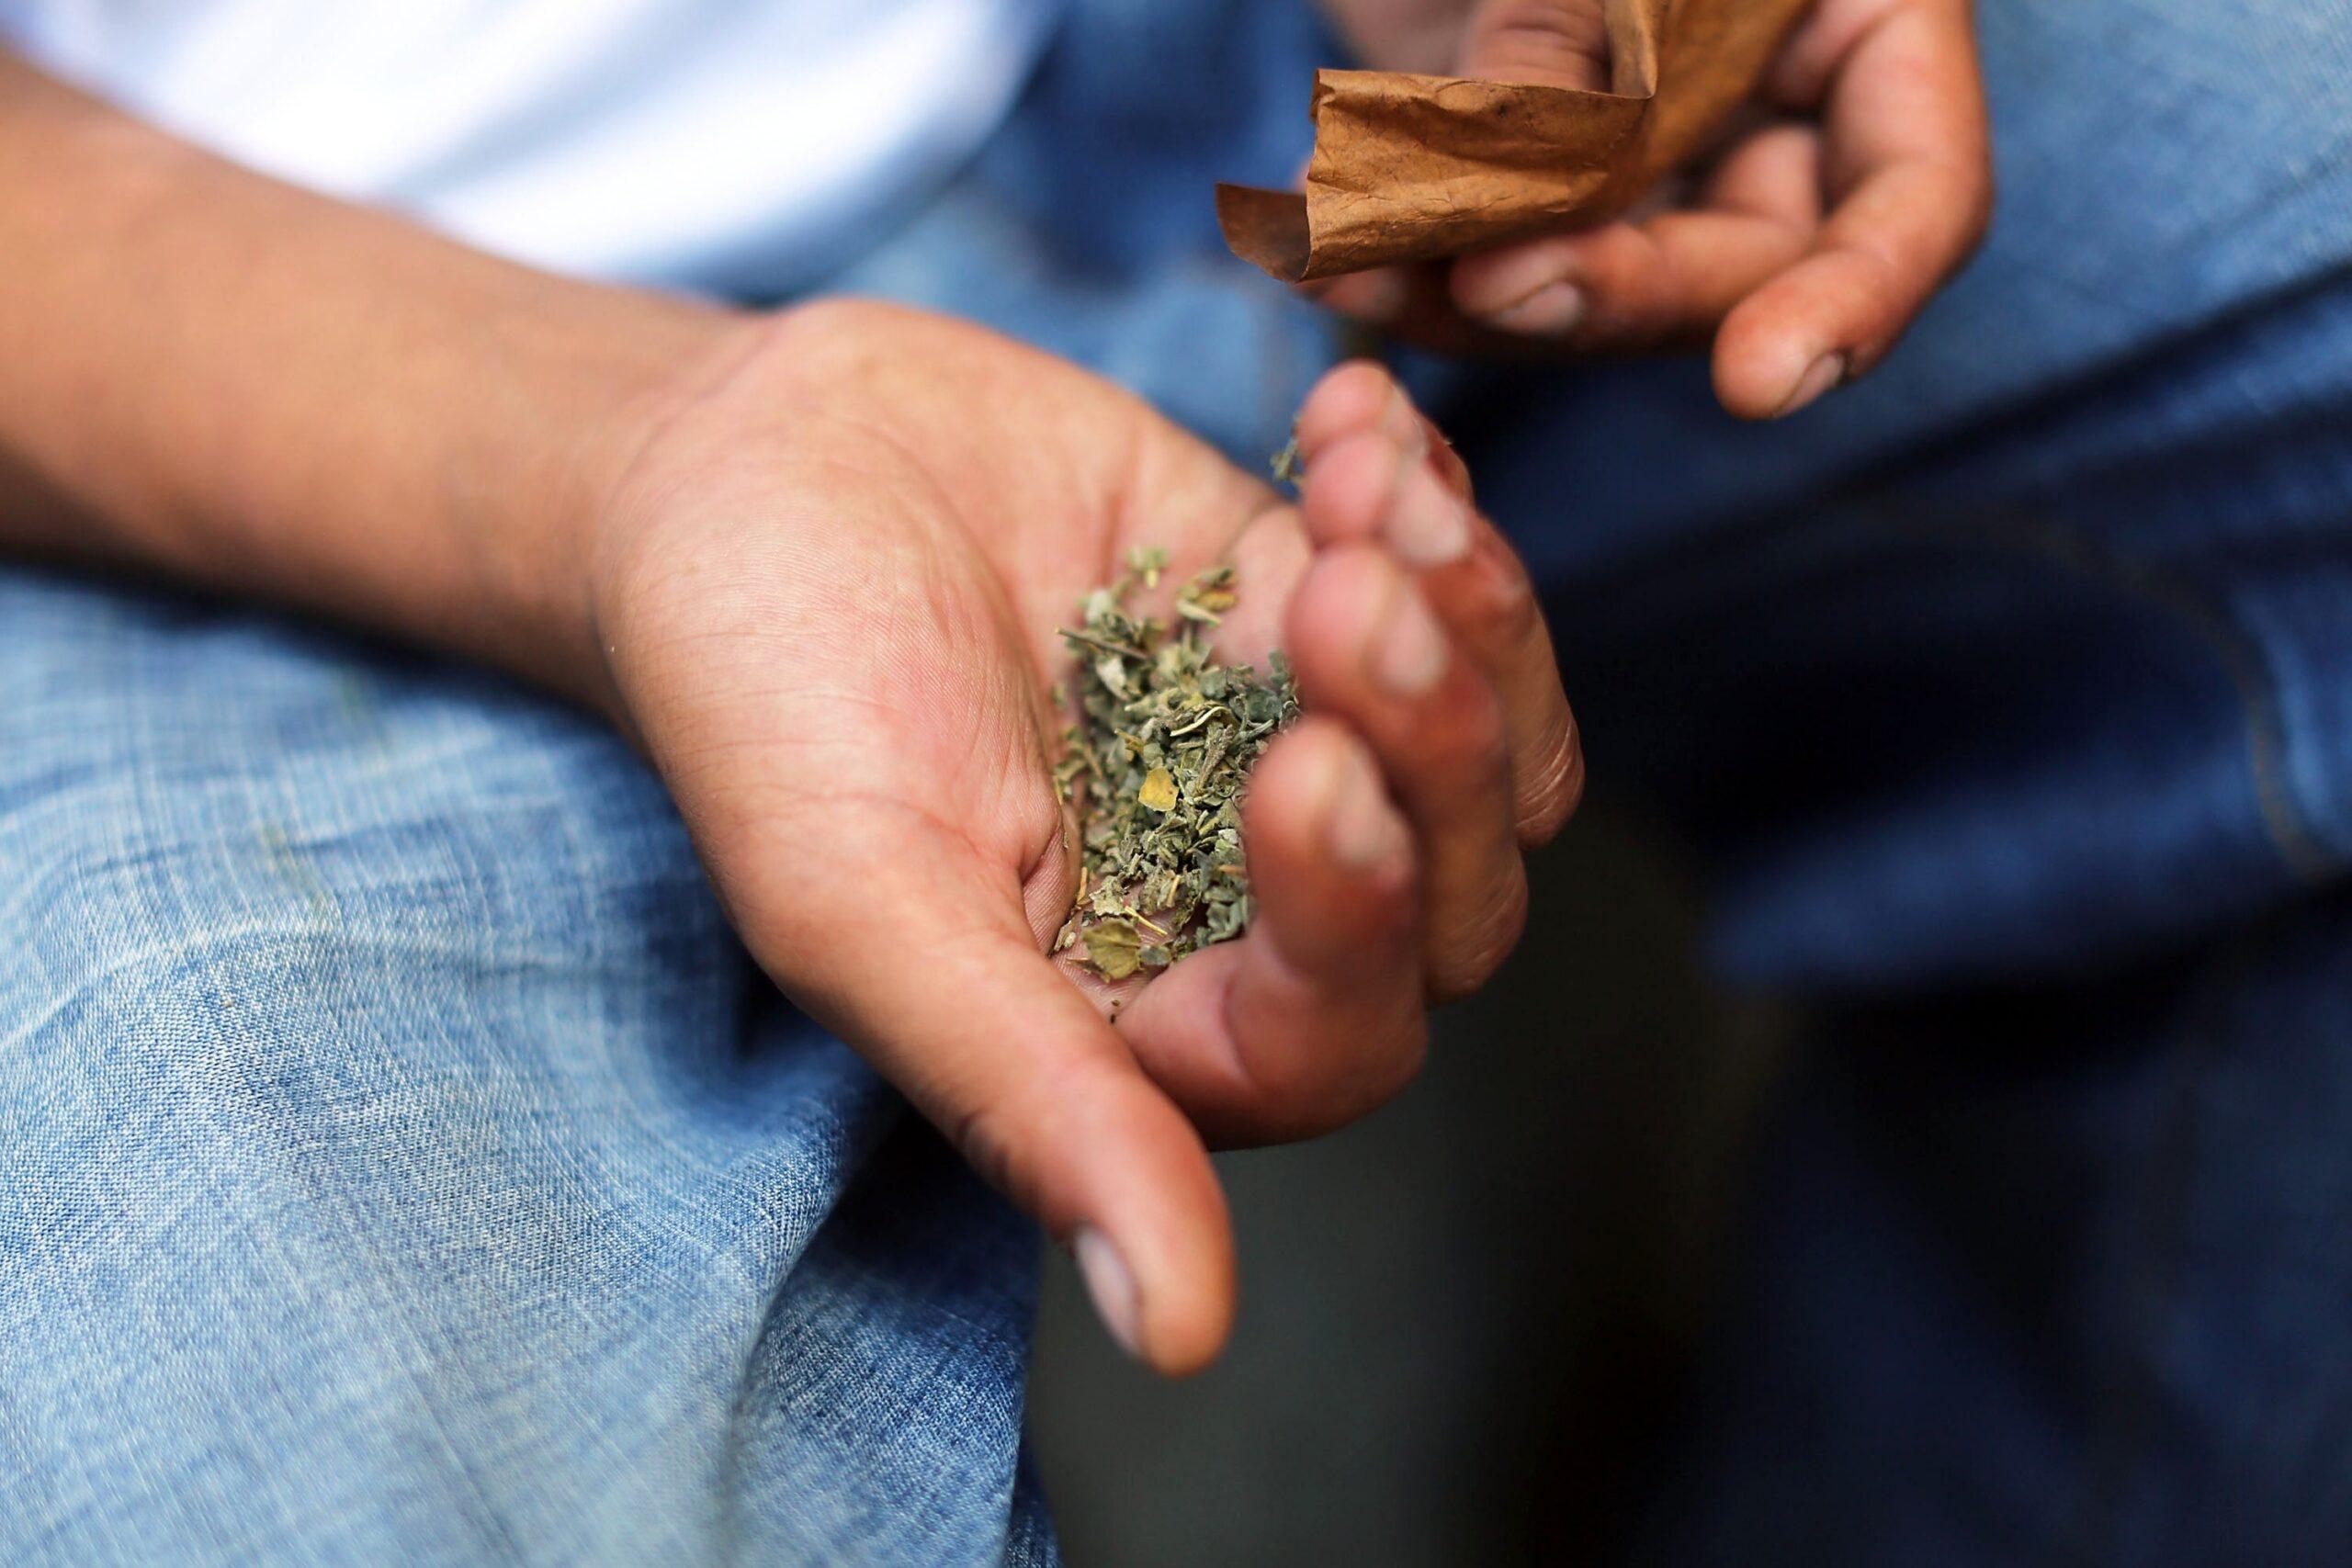 Synthetic Marijuana (Spice)